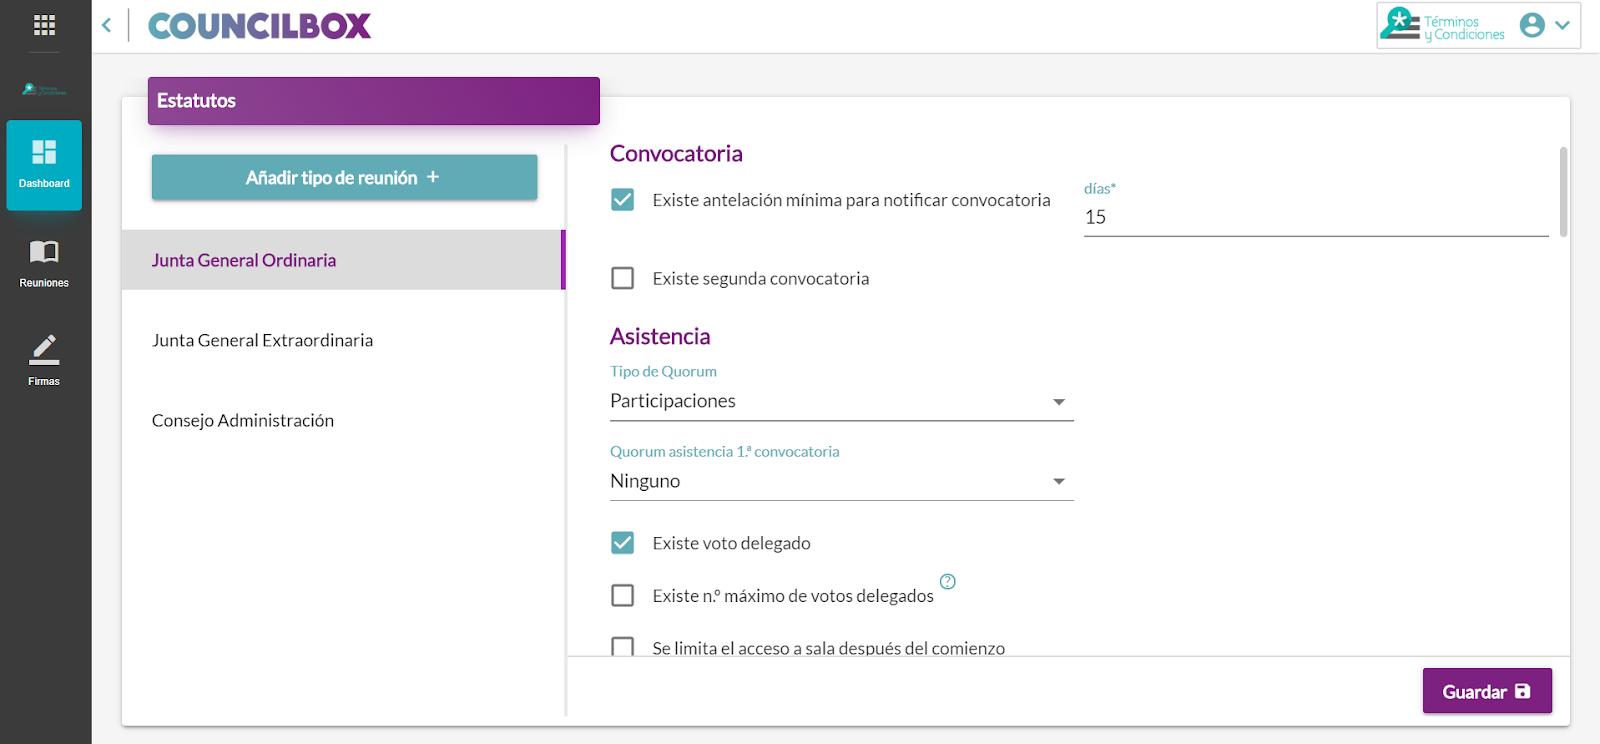 Tipos de reuniones diferentes para seleccionar por el usuario de Councilbox